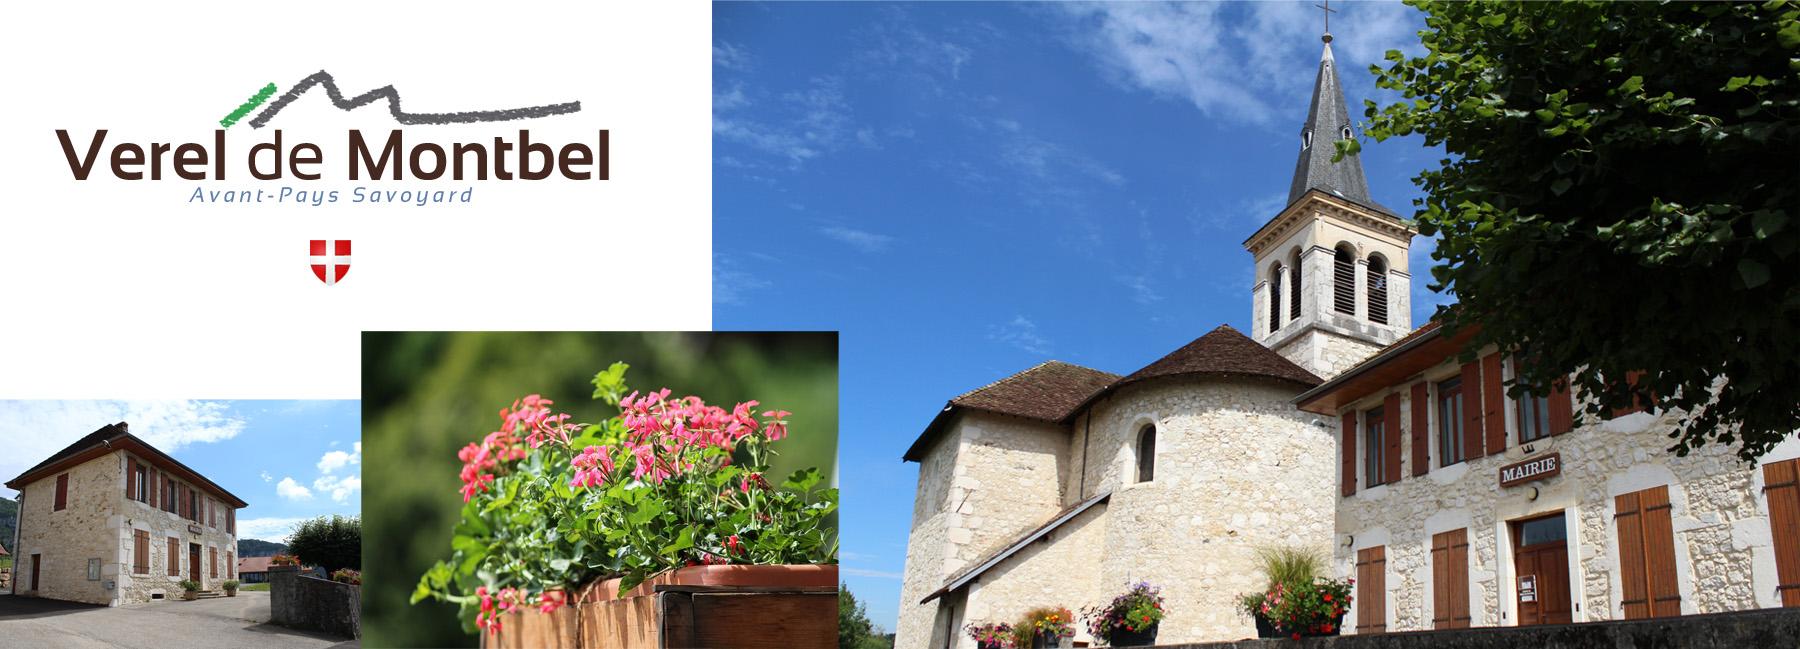 Site de Verel-de-Montbel, commune située dans l'Avant-Pays Savoyard - 73330 - Mairie, Eglise